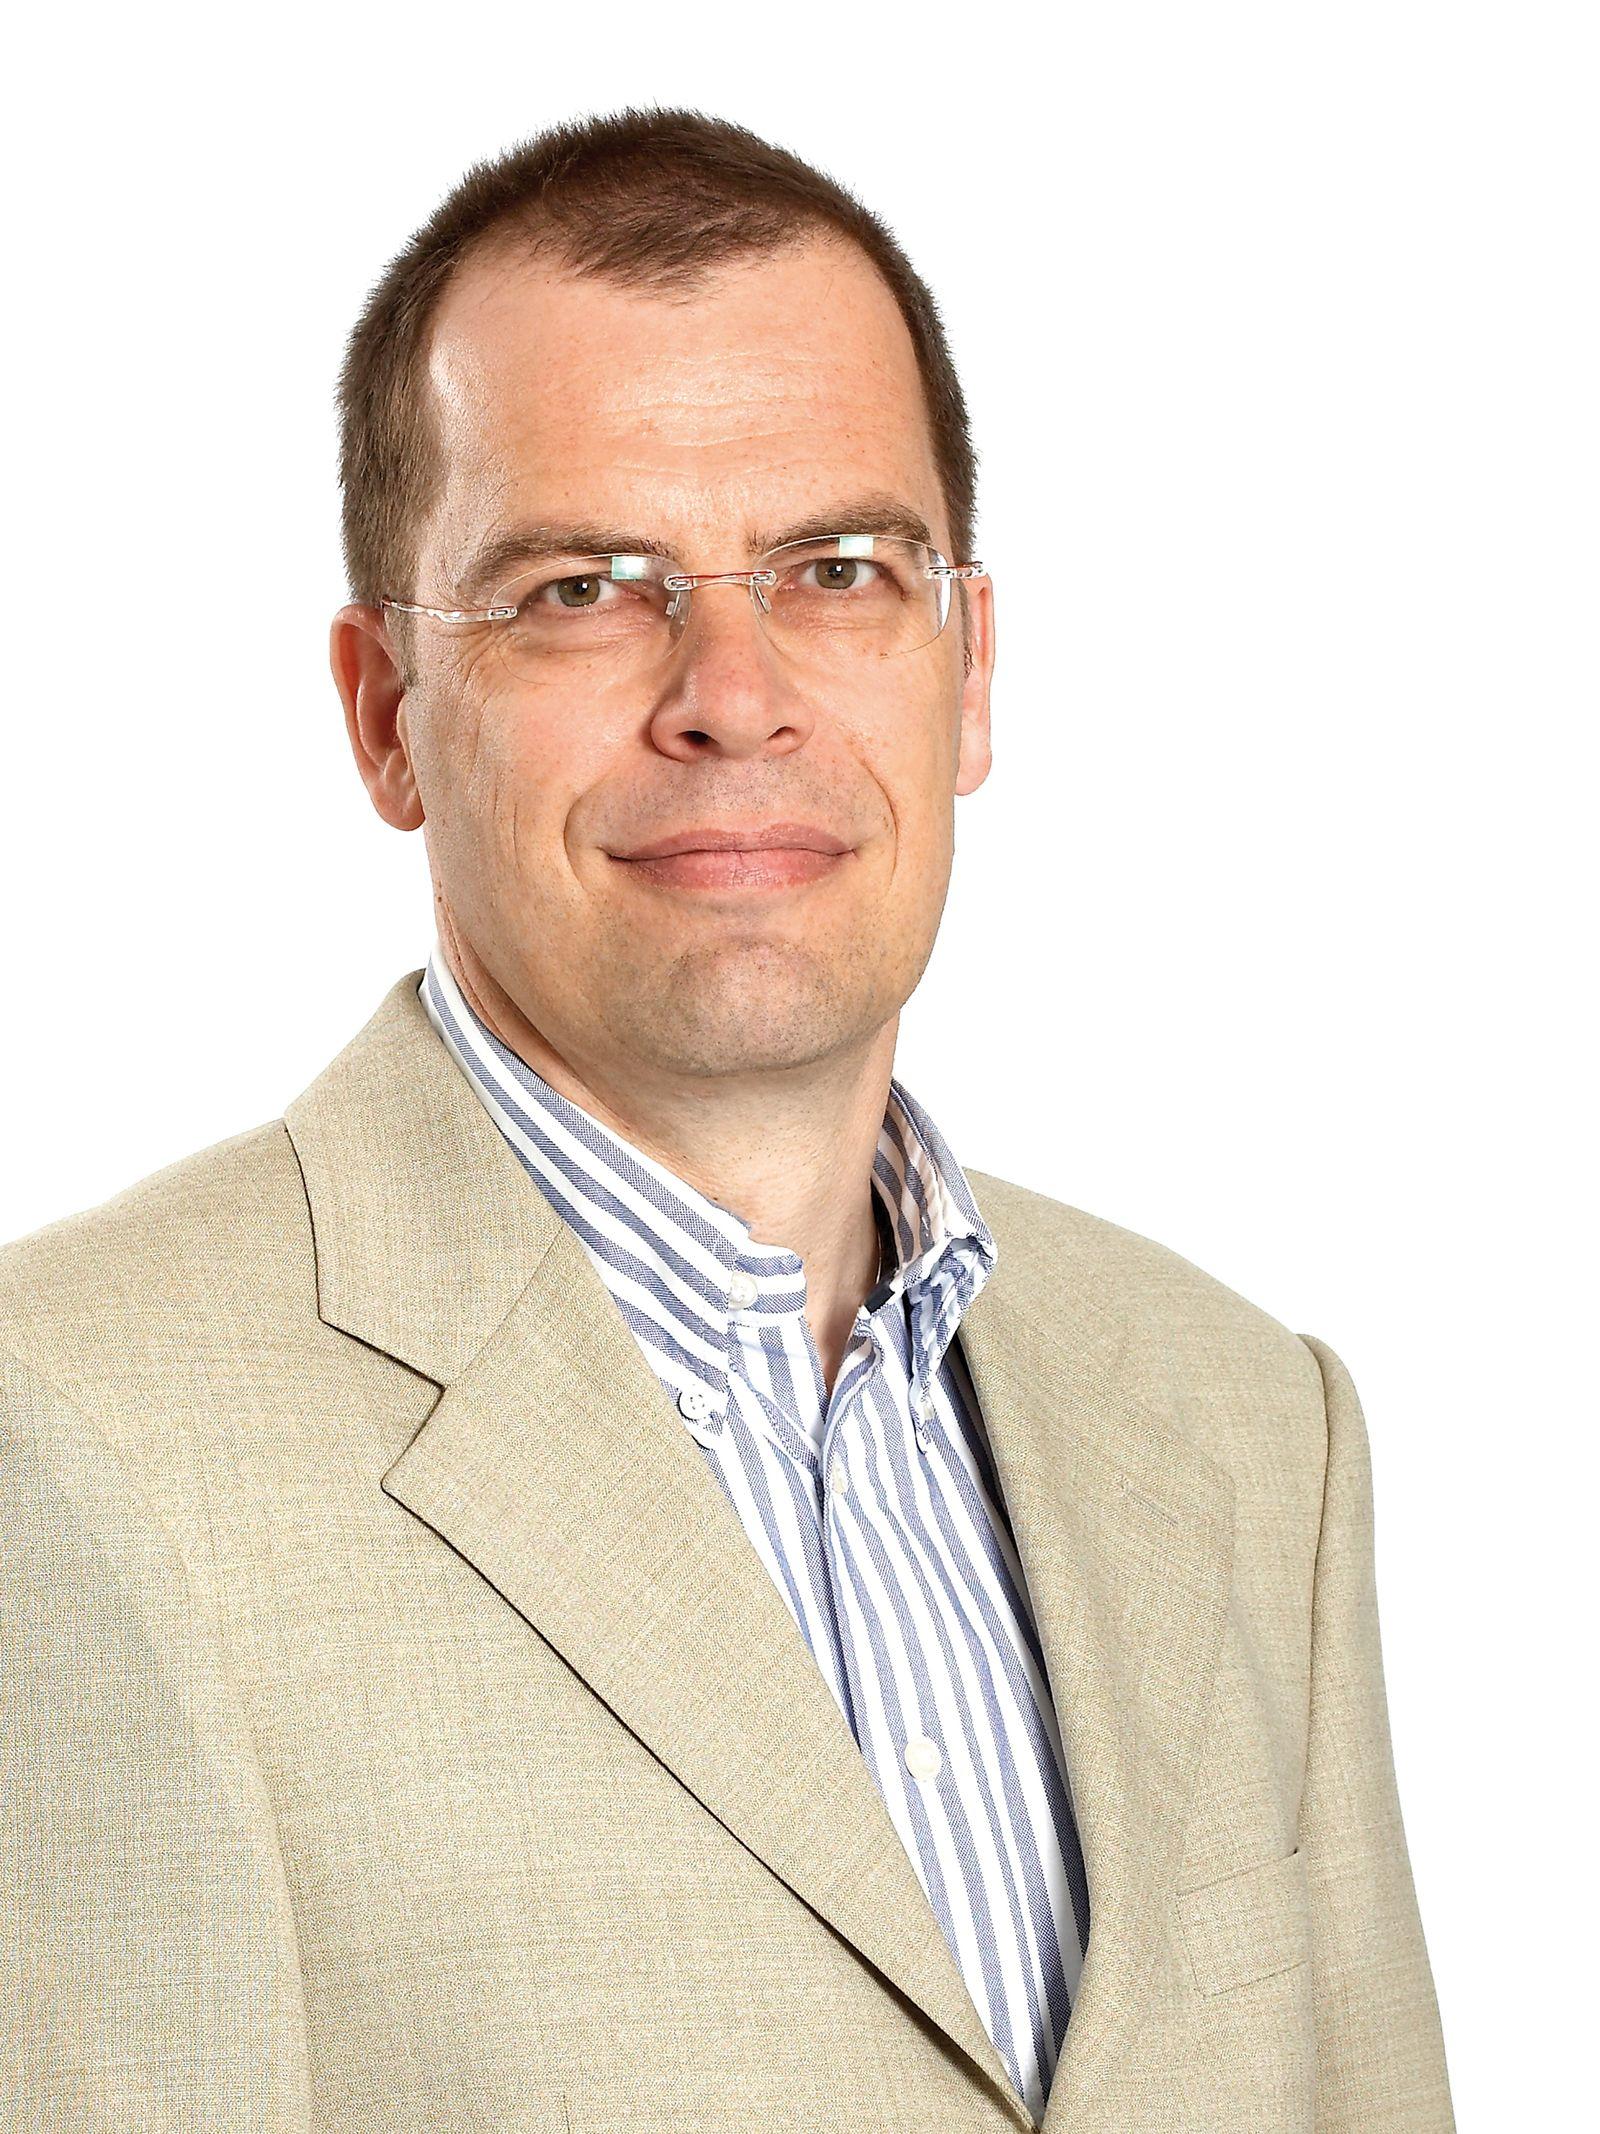 Jürgen Windeler